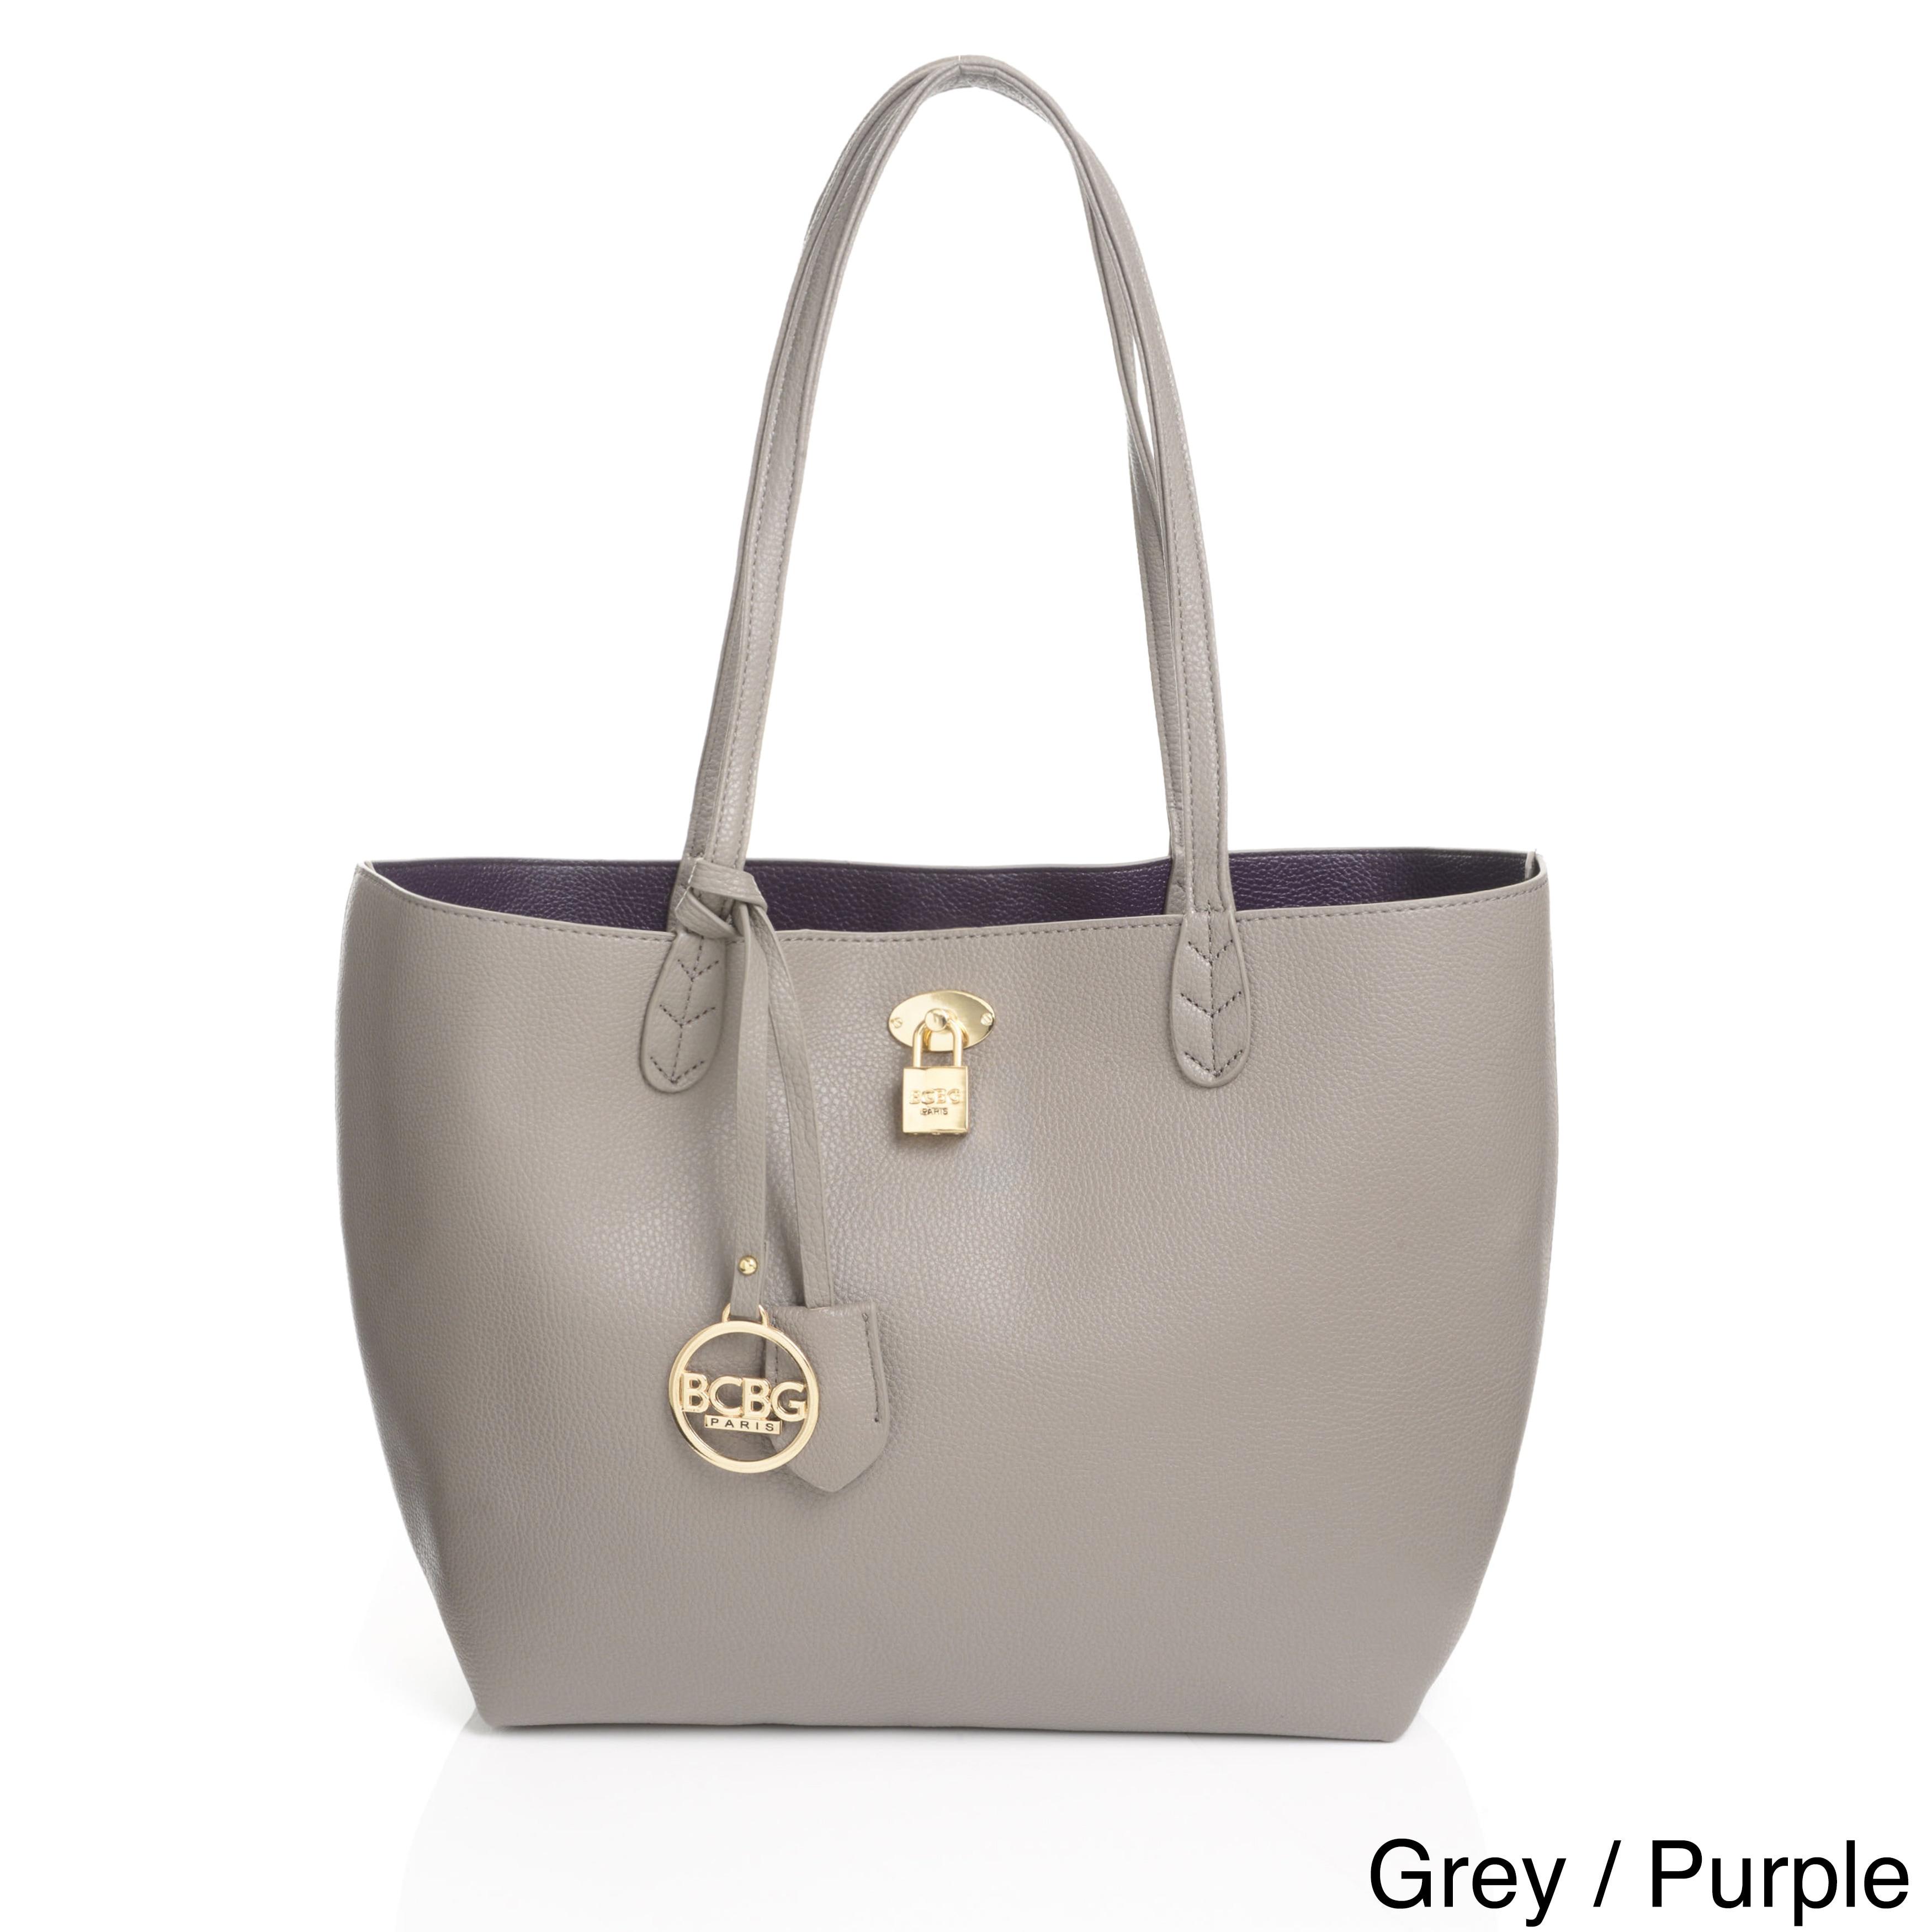 5523d959f040 BCBG Paris Reversible Lock Tote Bag